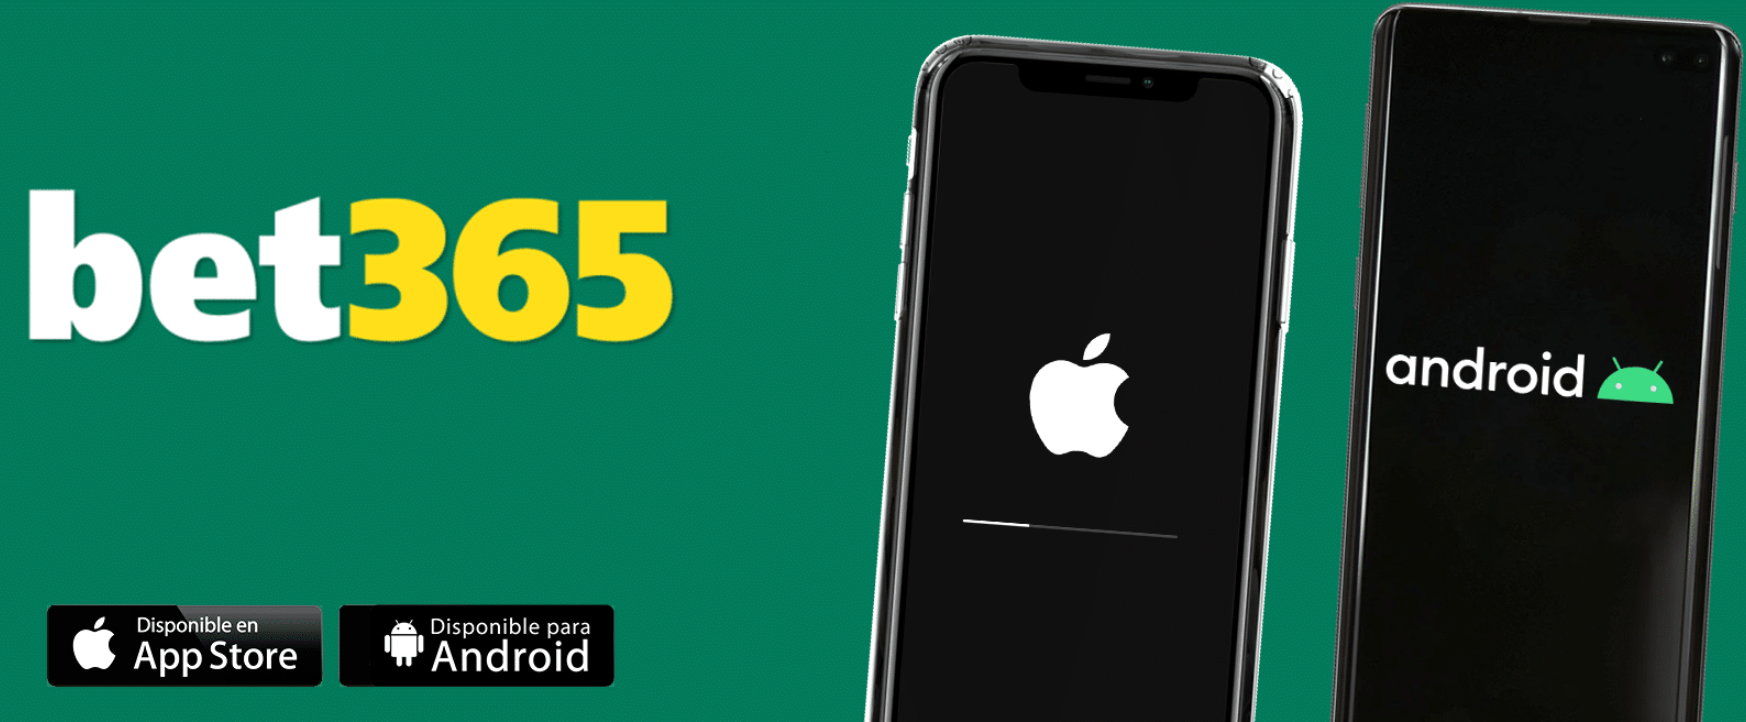 baixar aplicativo bet365